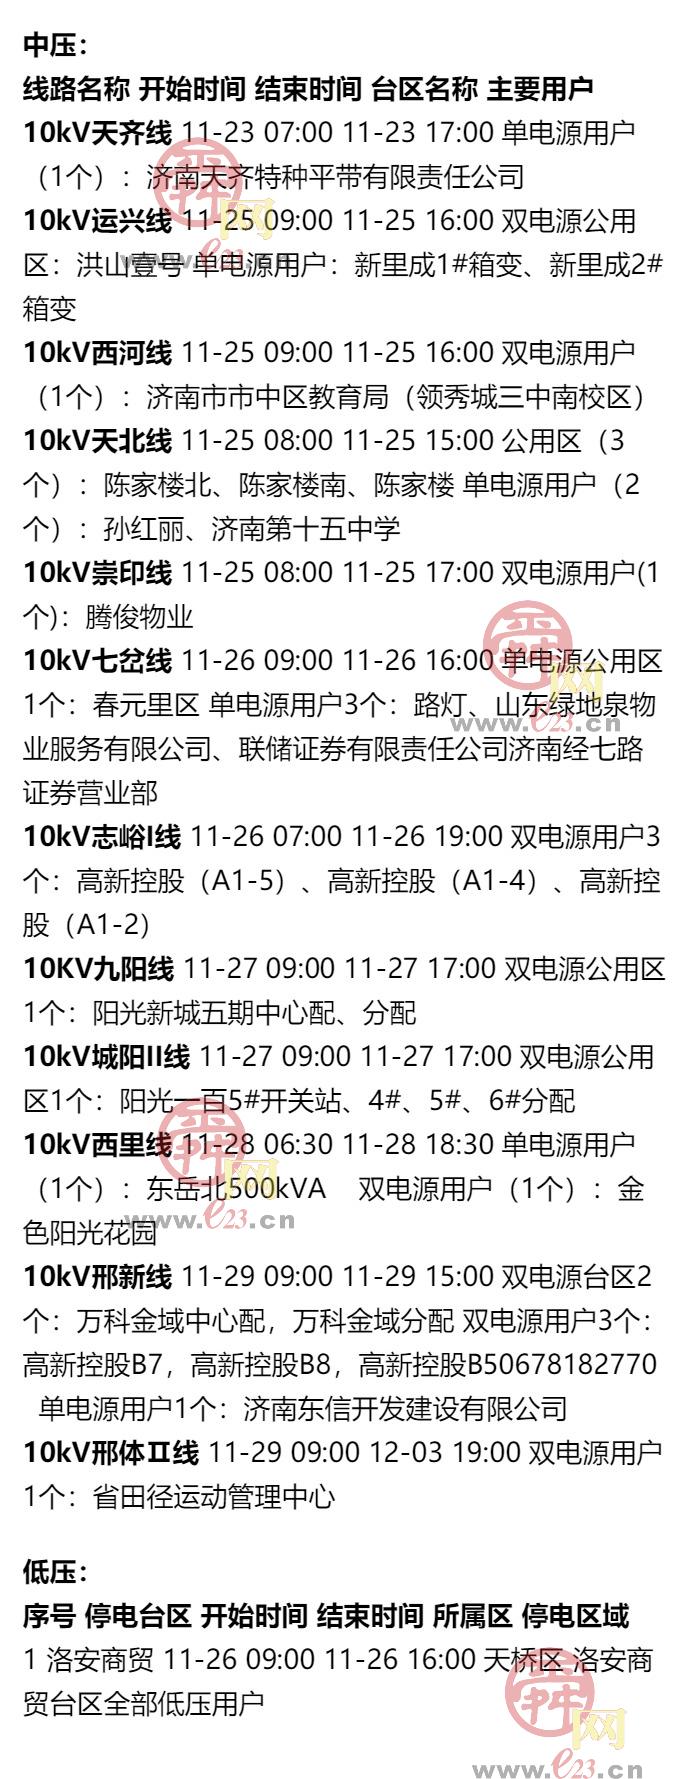 11月23日至11月29日济南部分区域电力设备检修通知